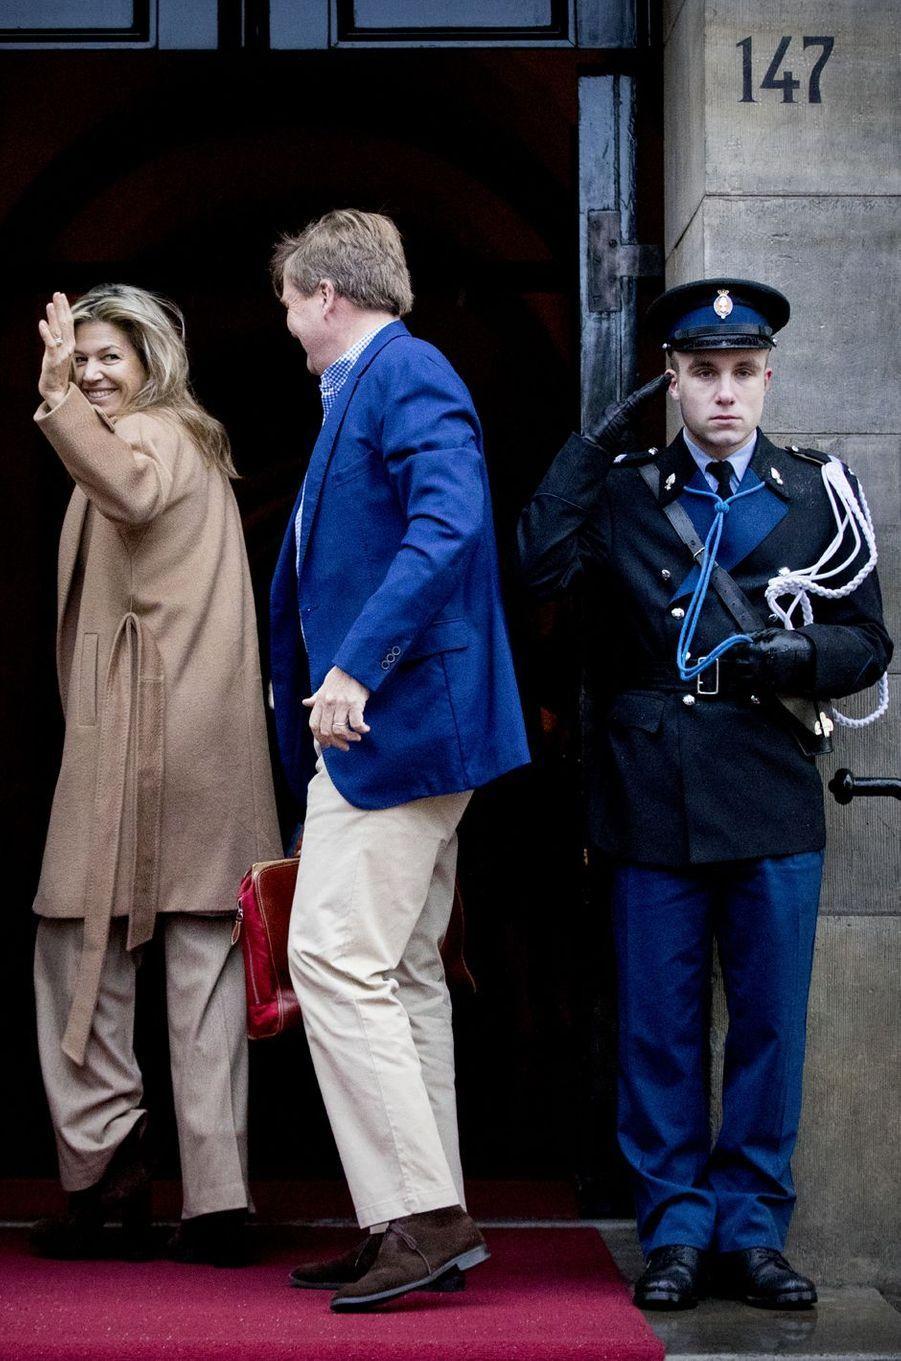 La reine Maxima et le roi Willem-Alexander des Pays-Bas à Amsterdam, le 17 janvier 2018